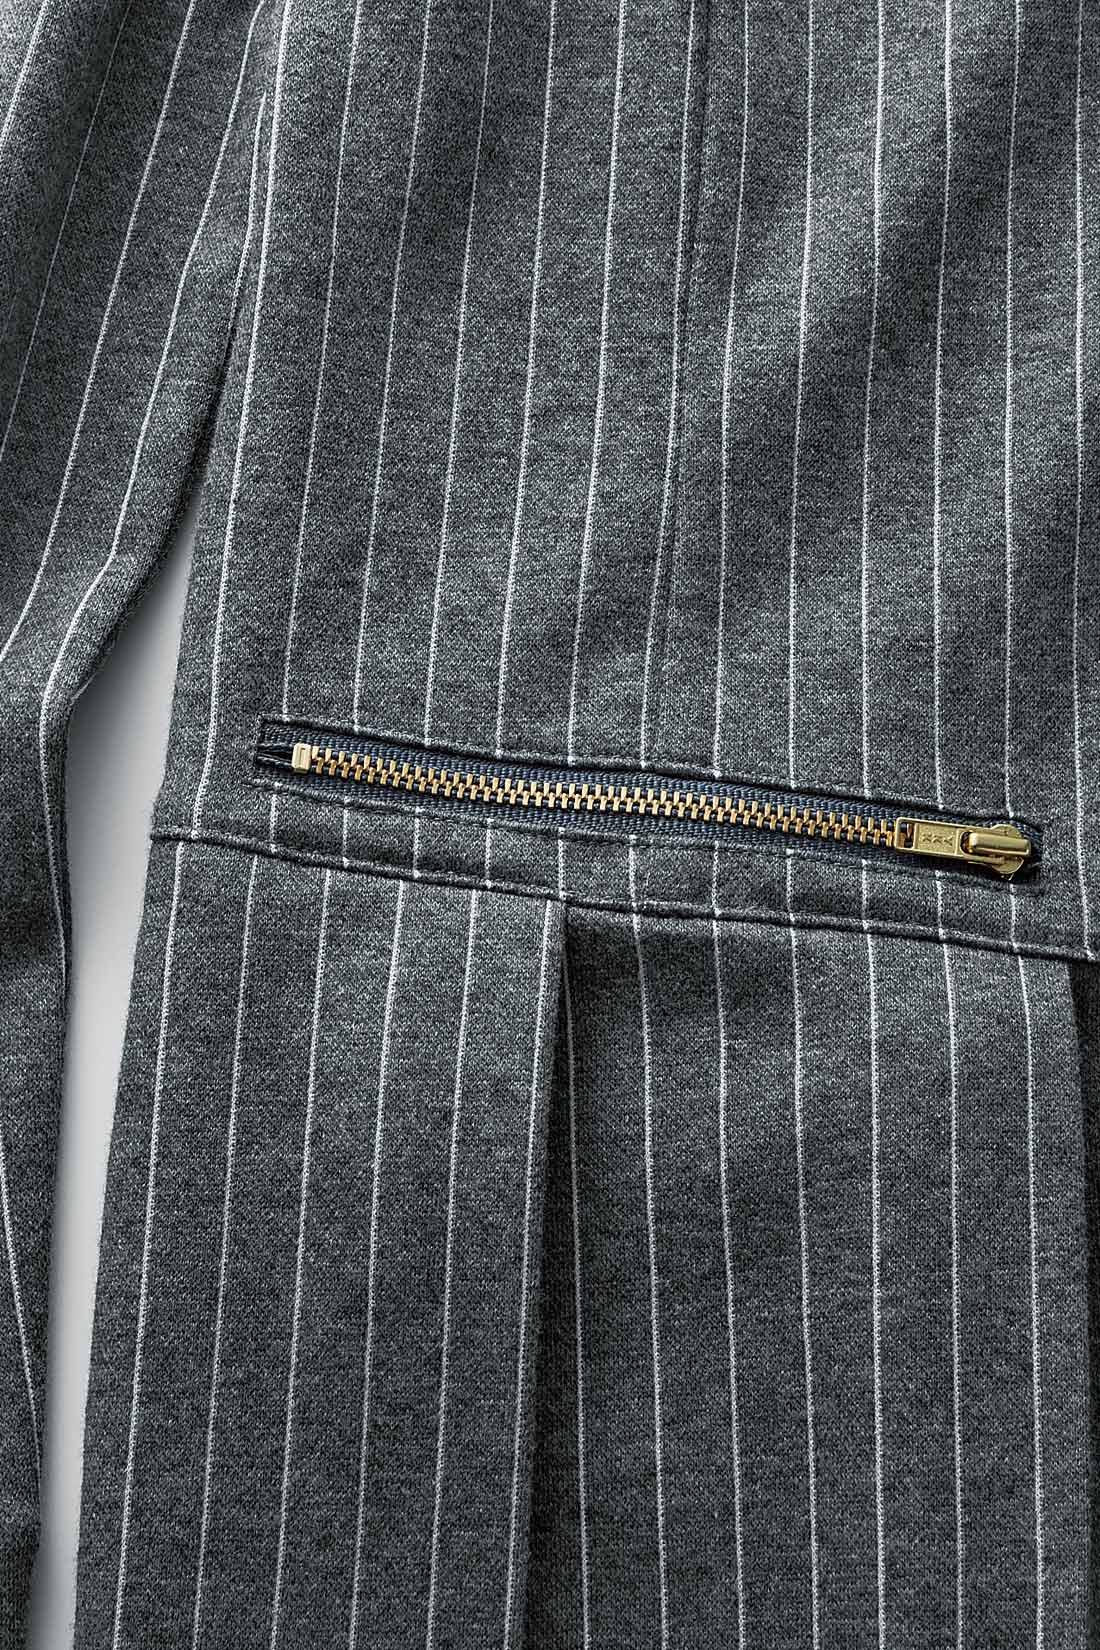 ゴールドジップのポケット風デザインがポイント。